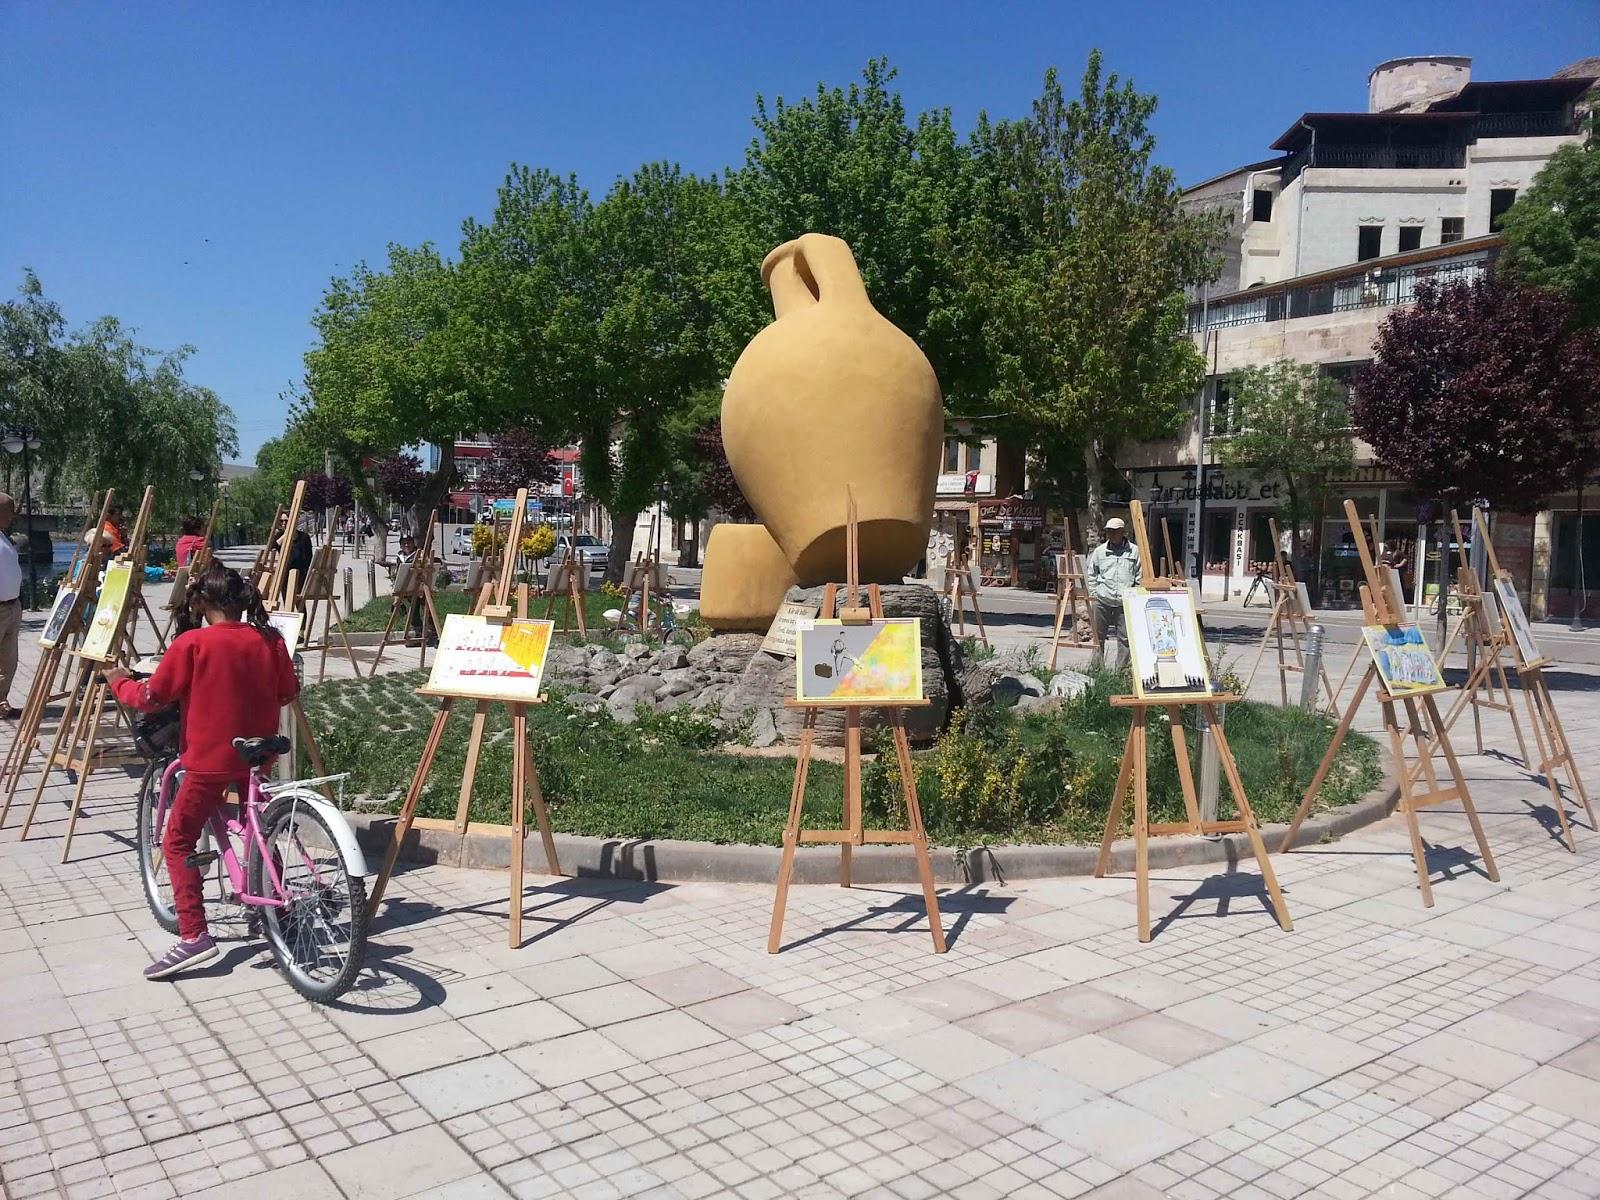 Bulgaristanda tatil: Deneyimli turistlerin gözden geçirilmesi